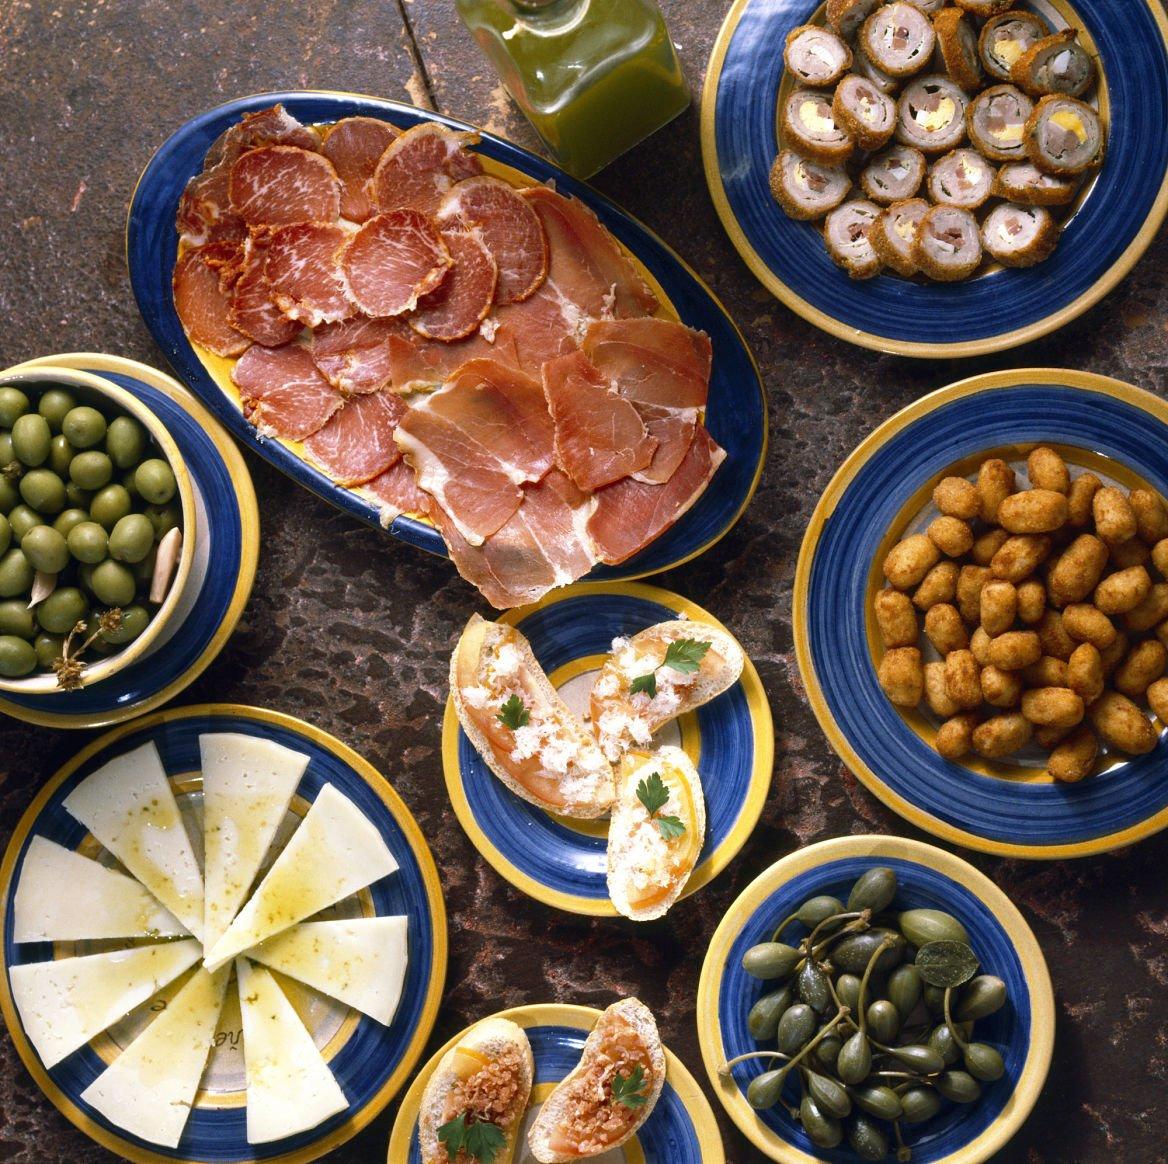 tapas-espagne-barcelone-cuisine-gastronomie